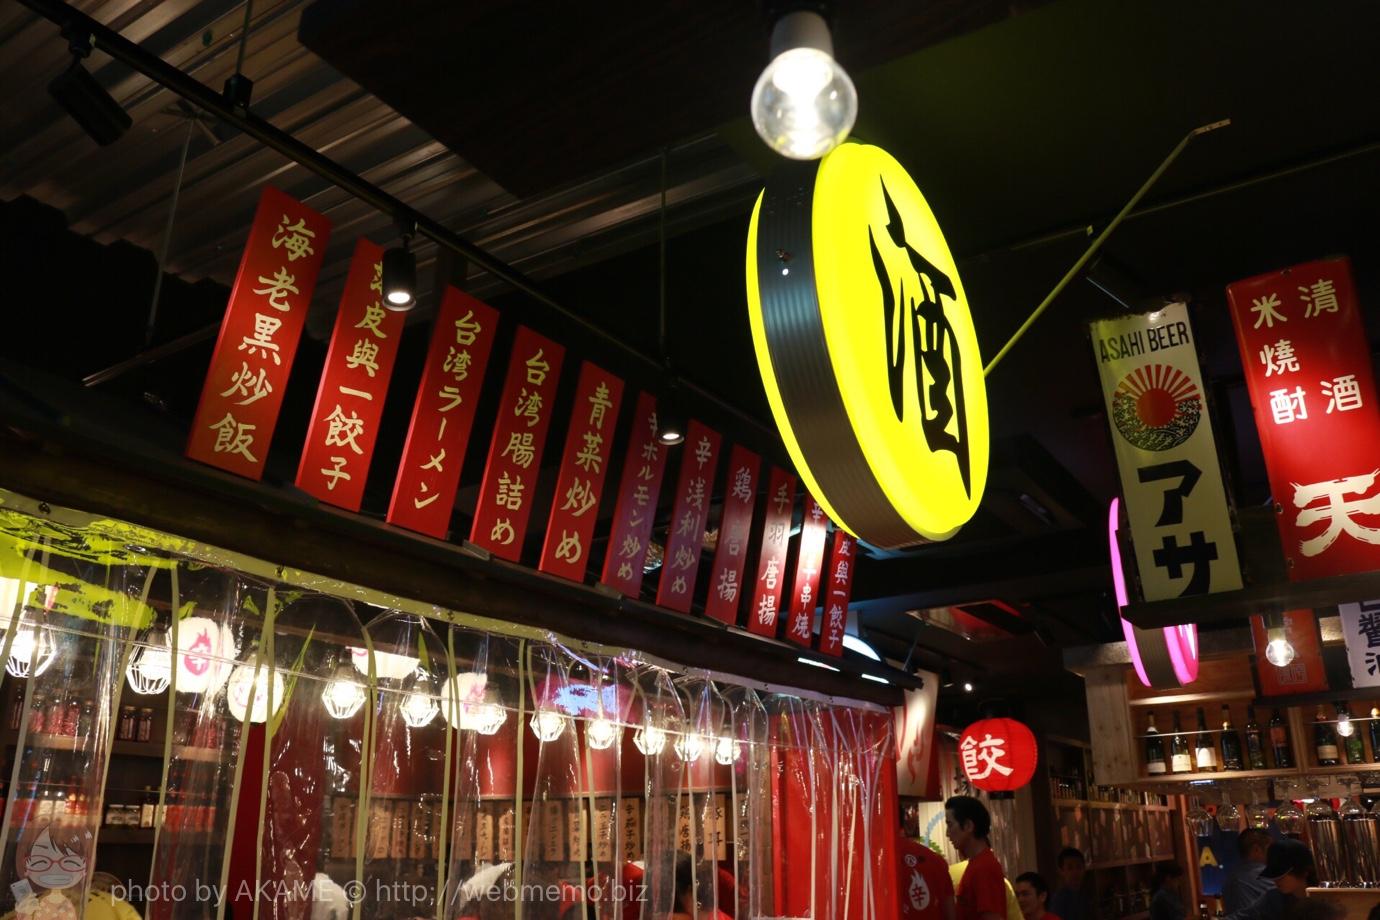 旭日食肉横丁 中の雰囲気